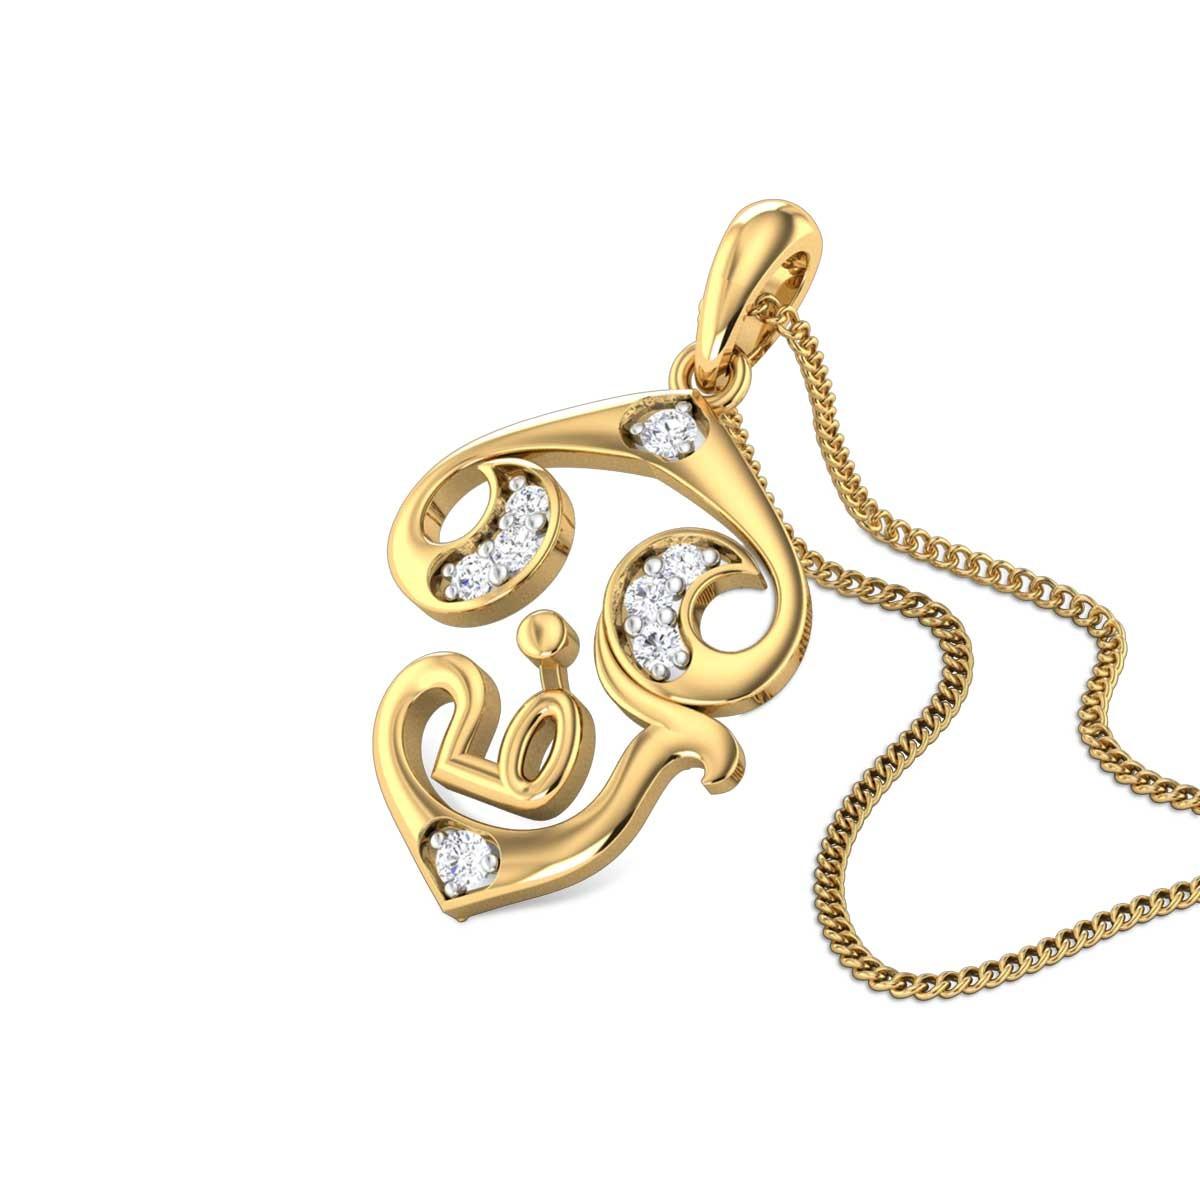 Tamil Om Diamond Pendant